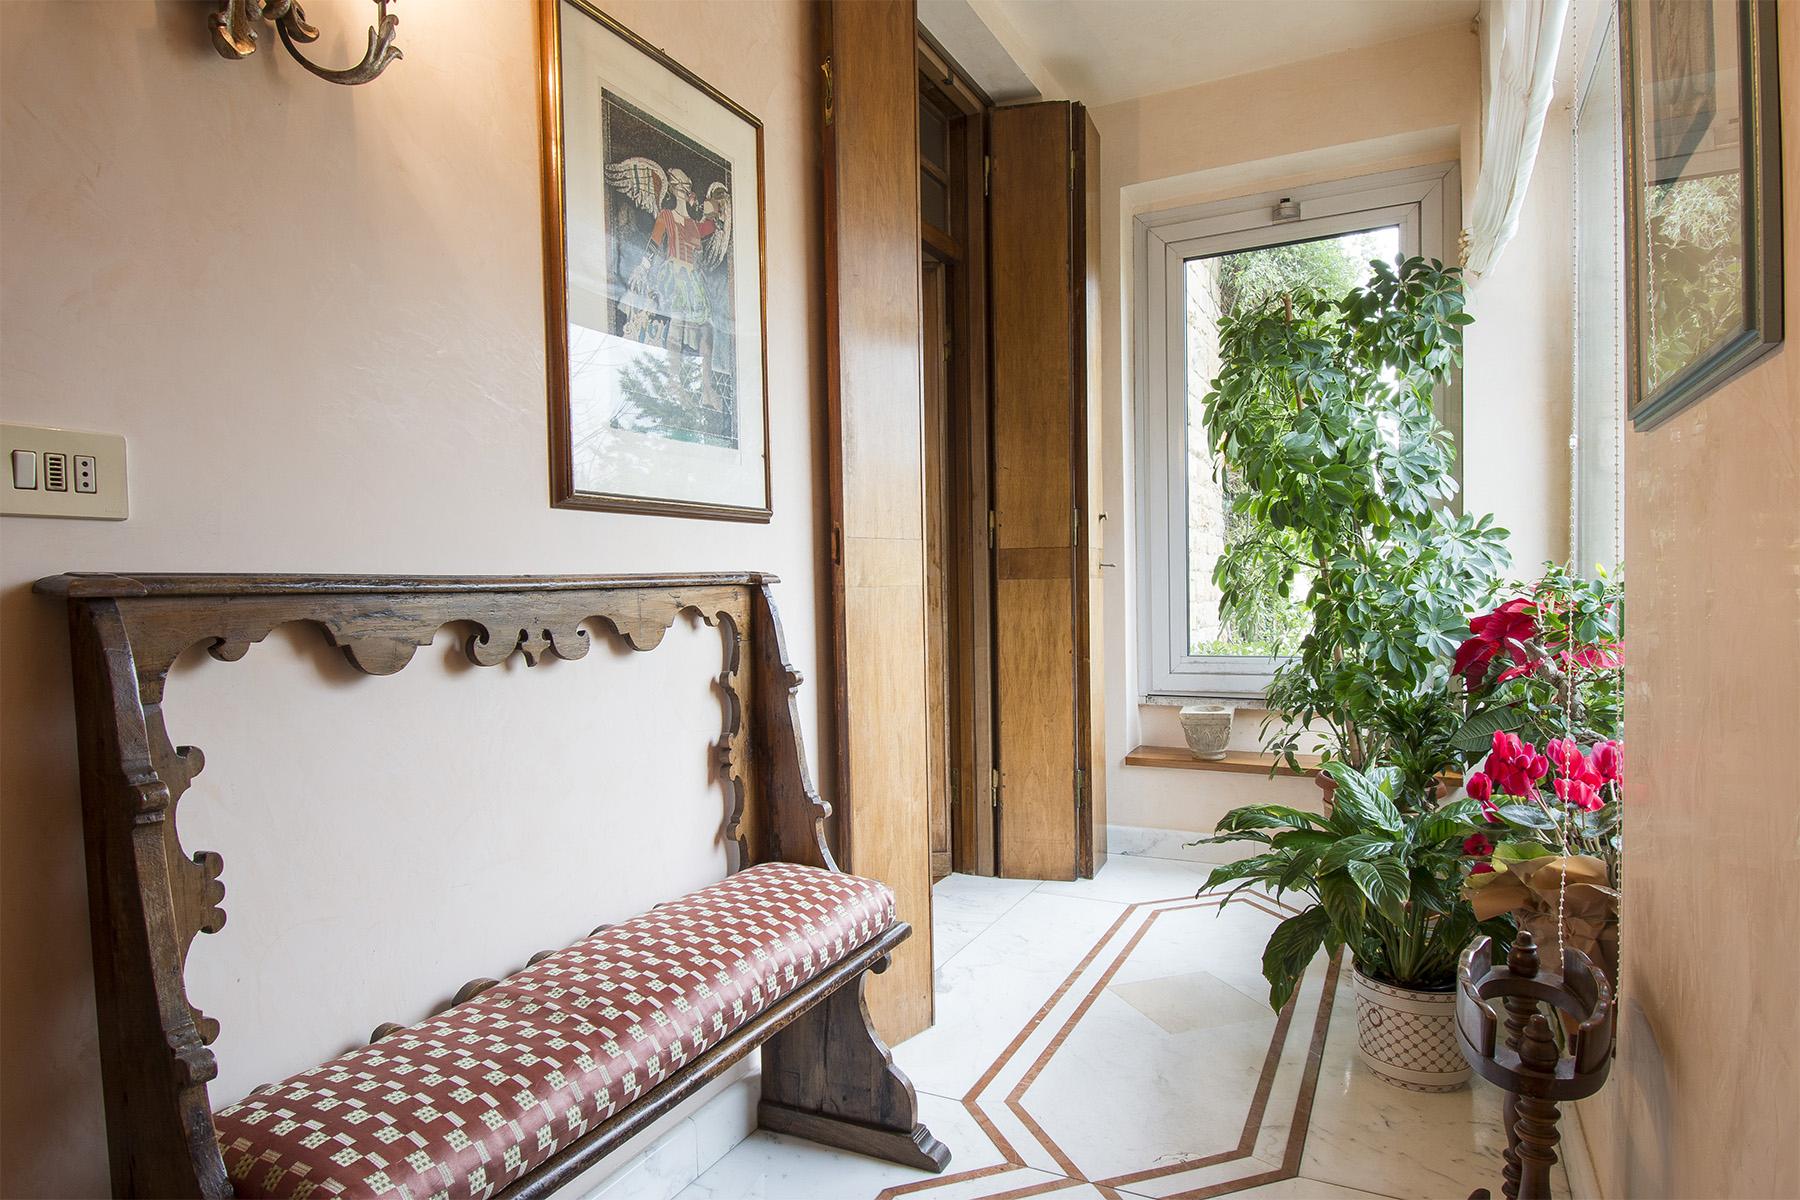 Villa in Vendita a Firenze: 5 locali, 364 mq - Foto 5